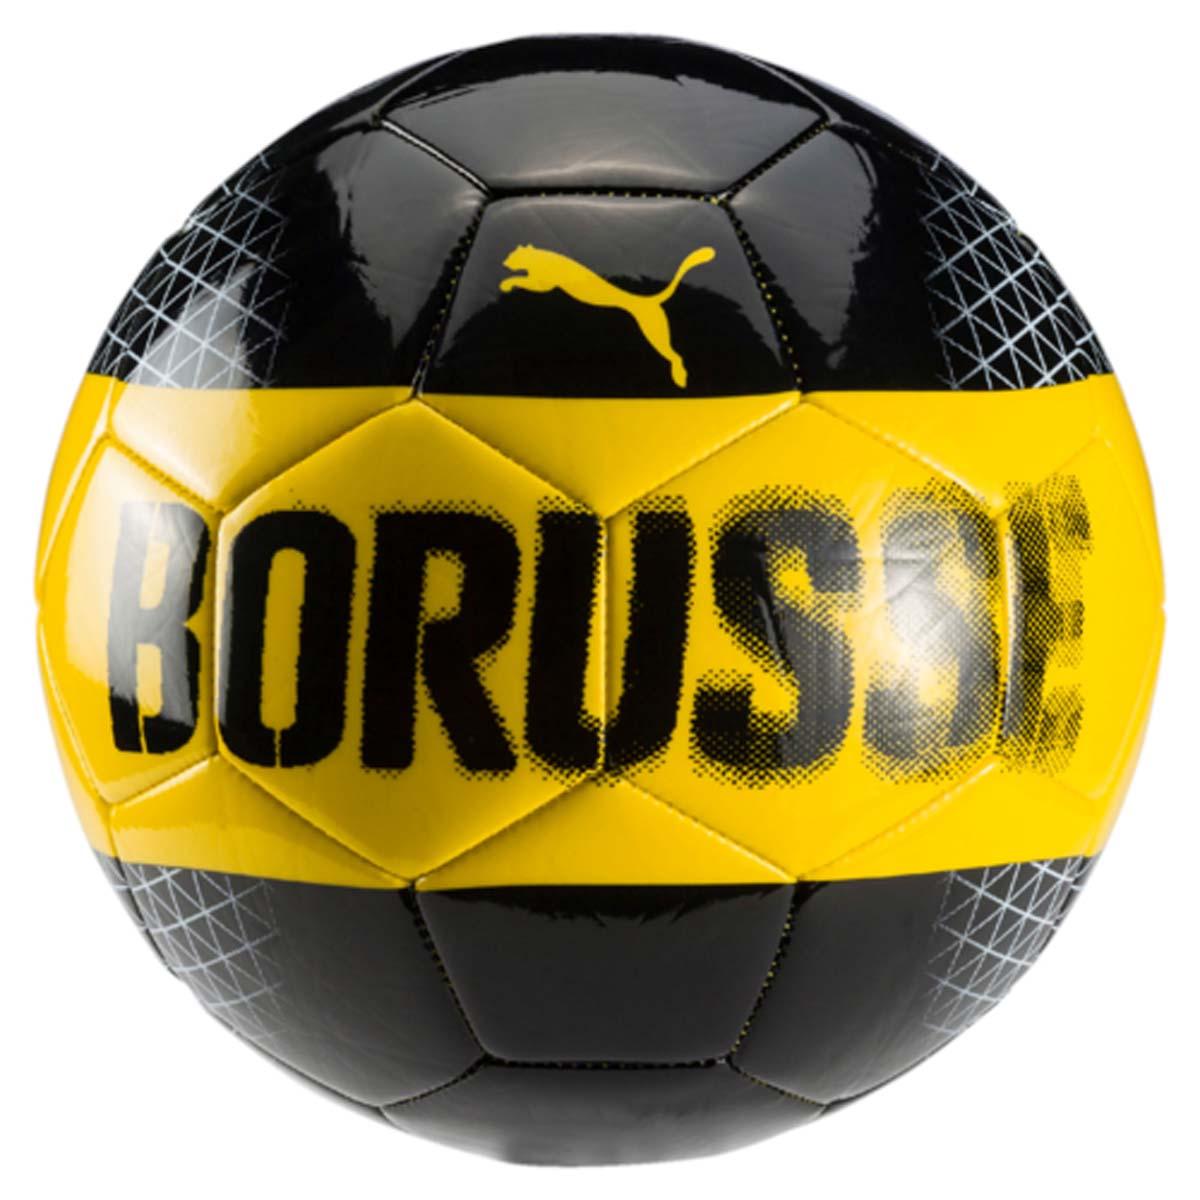 Мяч футбольный Puma Bvb Fan Ball, цвет: черный, желтый, Размер 5. 08274501231_002Высококачественный мяч Puma Bvb Fan Ball, созданный для всех любителей команды Borussia Dortmund, готовых поддерживать любимый клуб. Выполнен из мягкого термопластичного полиуретана, при этом настолько же хорош в игре, насколько хорошо выглядит.Мяч имеет оригинальный яркий дизайн и логотип компании Puma.